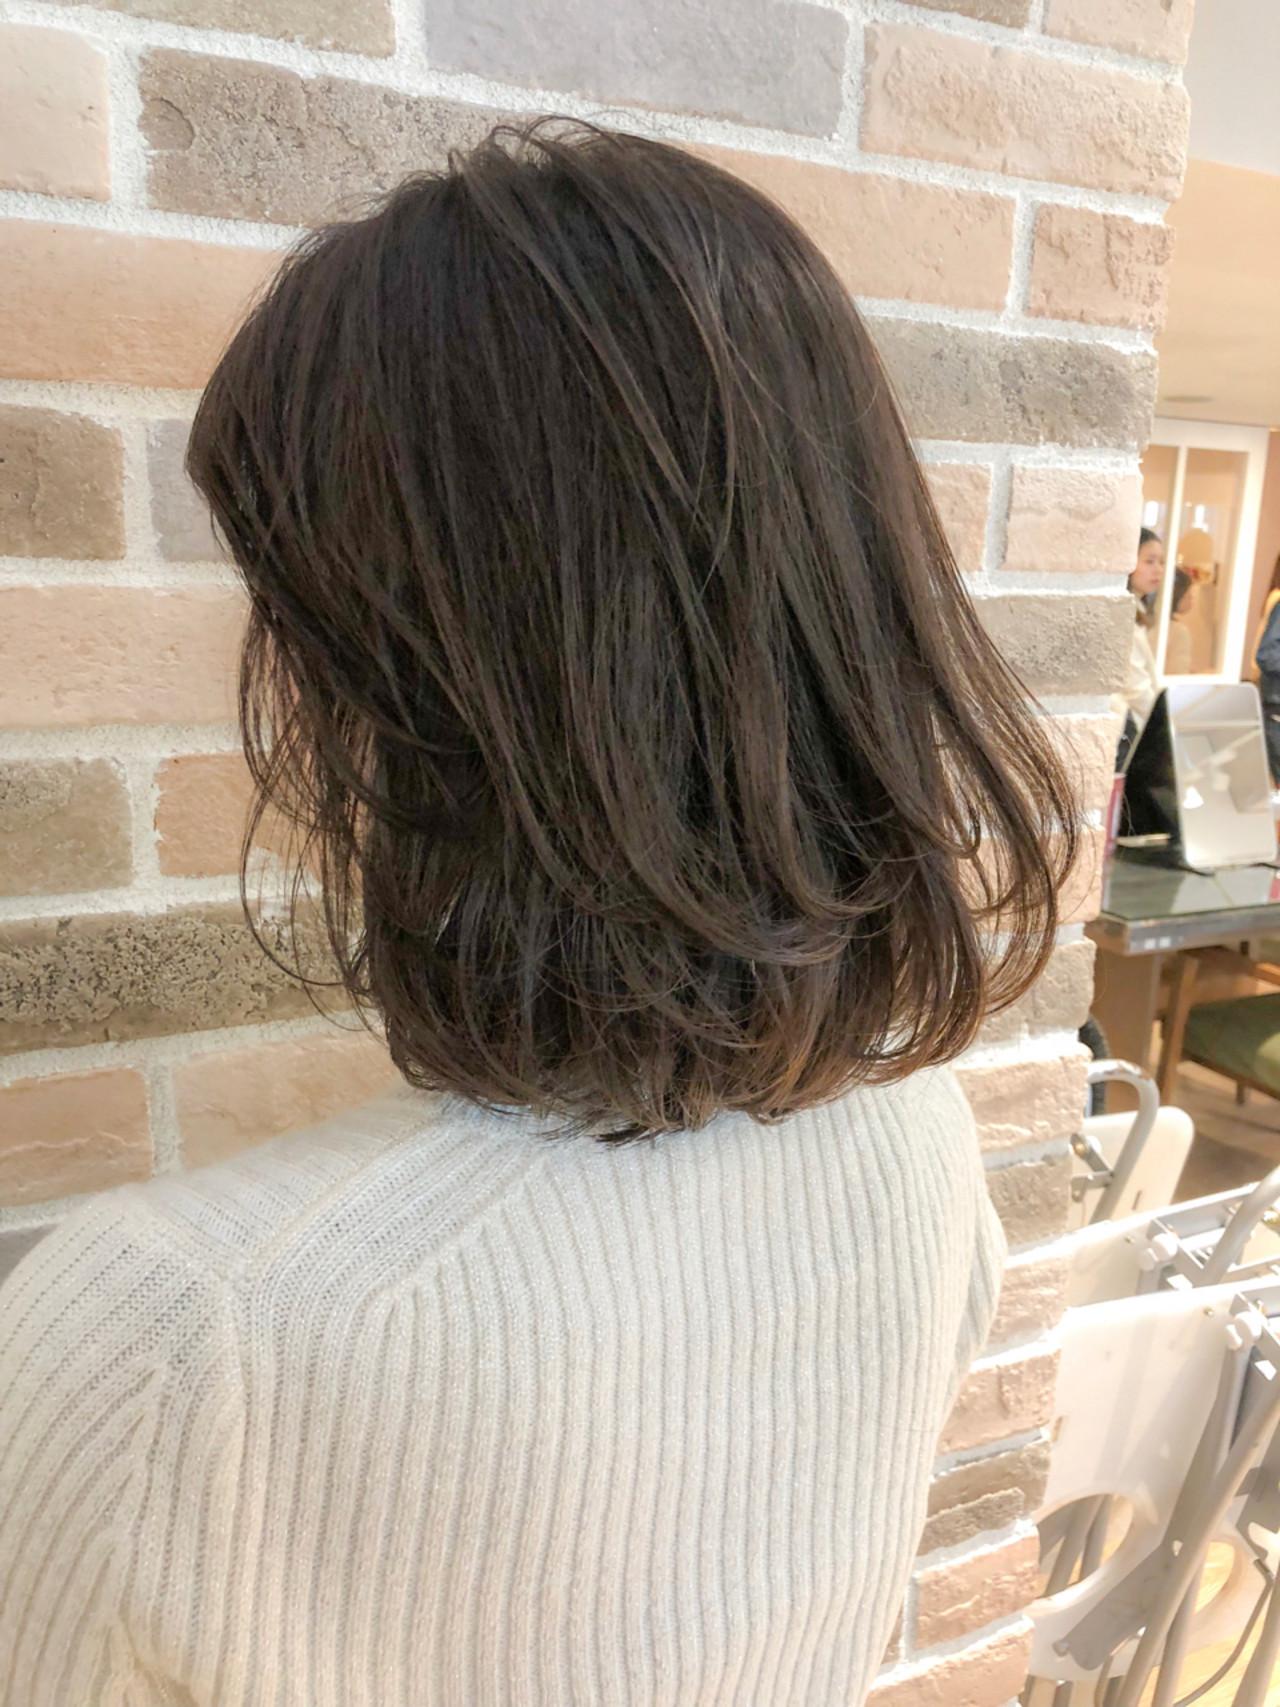 ロブ デート ワンカール オフィス ヘアスタイルや髪型の写真・画像